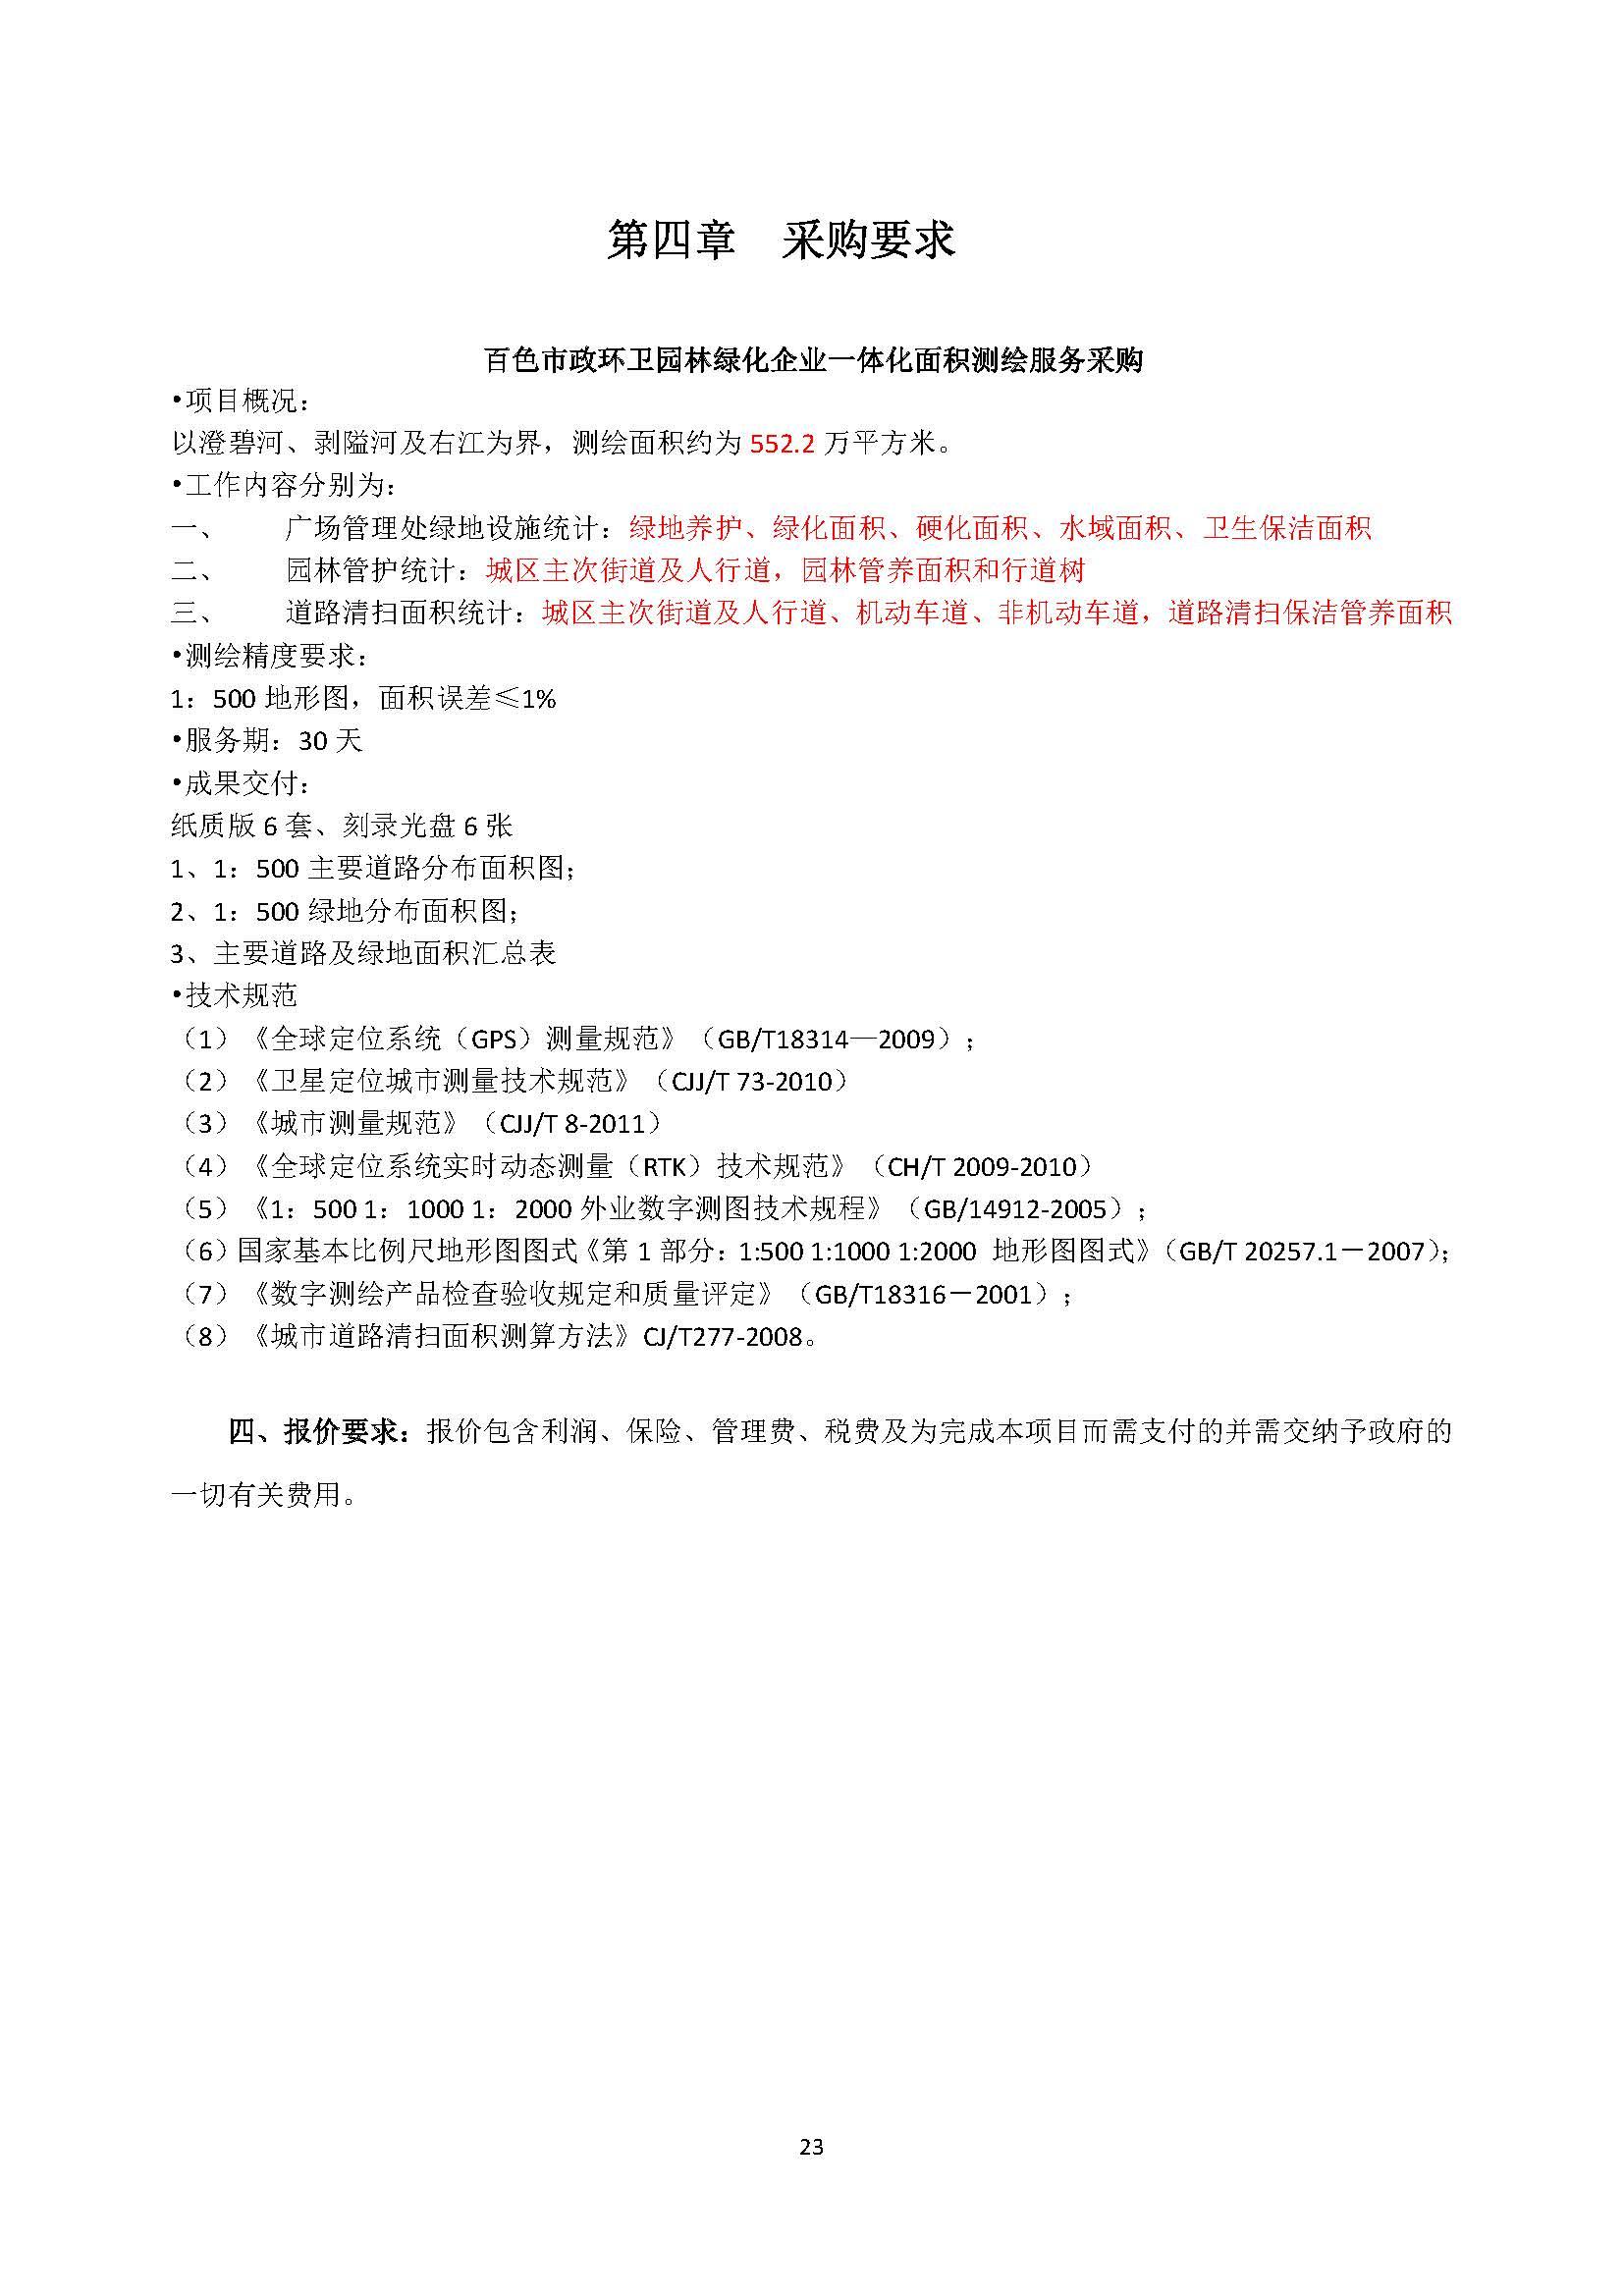 (确定)安徽快三基本走势图市政环卫园林绿化企业一体化面积测绘服务采购 竞争性谈判采购文件20200610(2)_页面_27.jpg